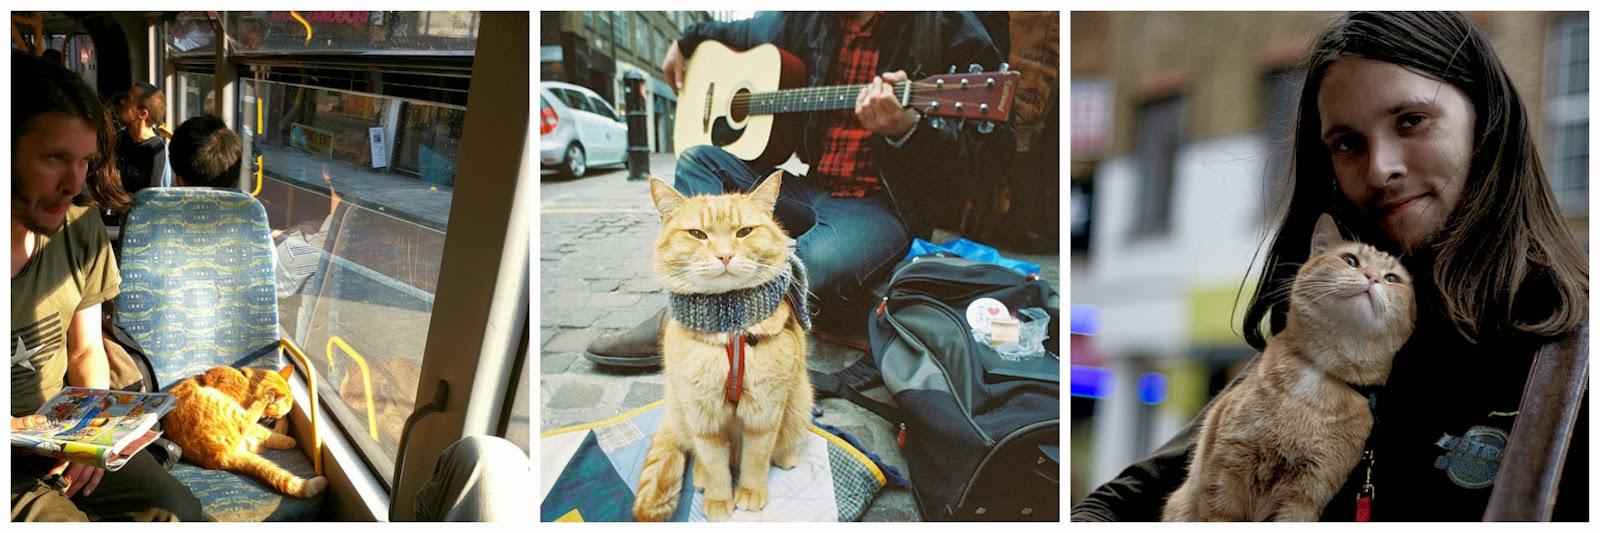 http://1.bp.blogspot.com/-1kHVFE31rvk/UufVWEwDUEI/AAAAAAAAAUk/SkFtYwaku8w/s1600/James+Bowen+and+a+Street+Cat+Named+Bob.jpg